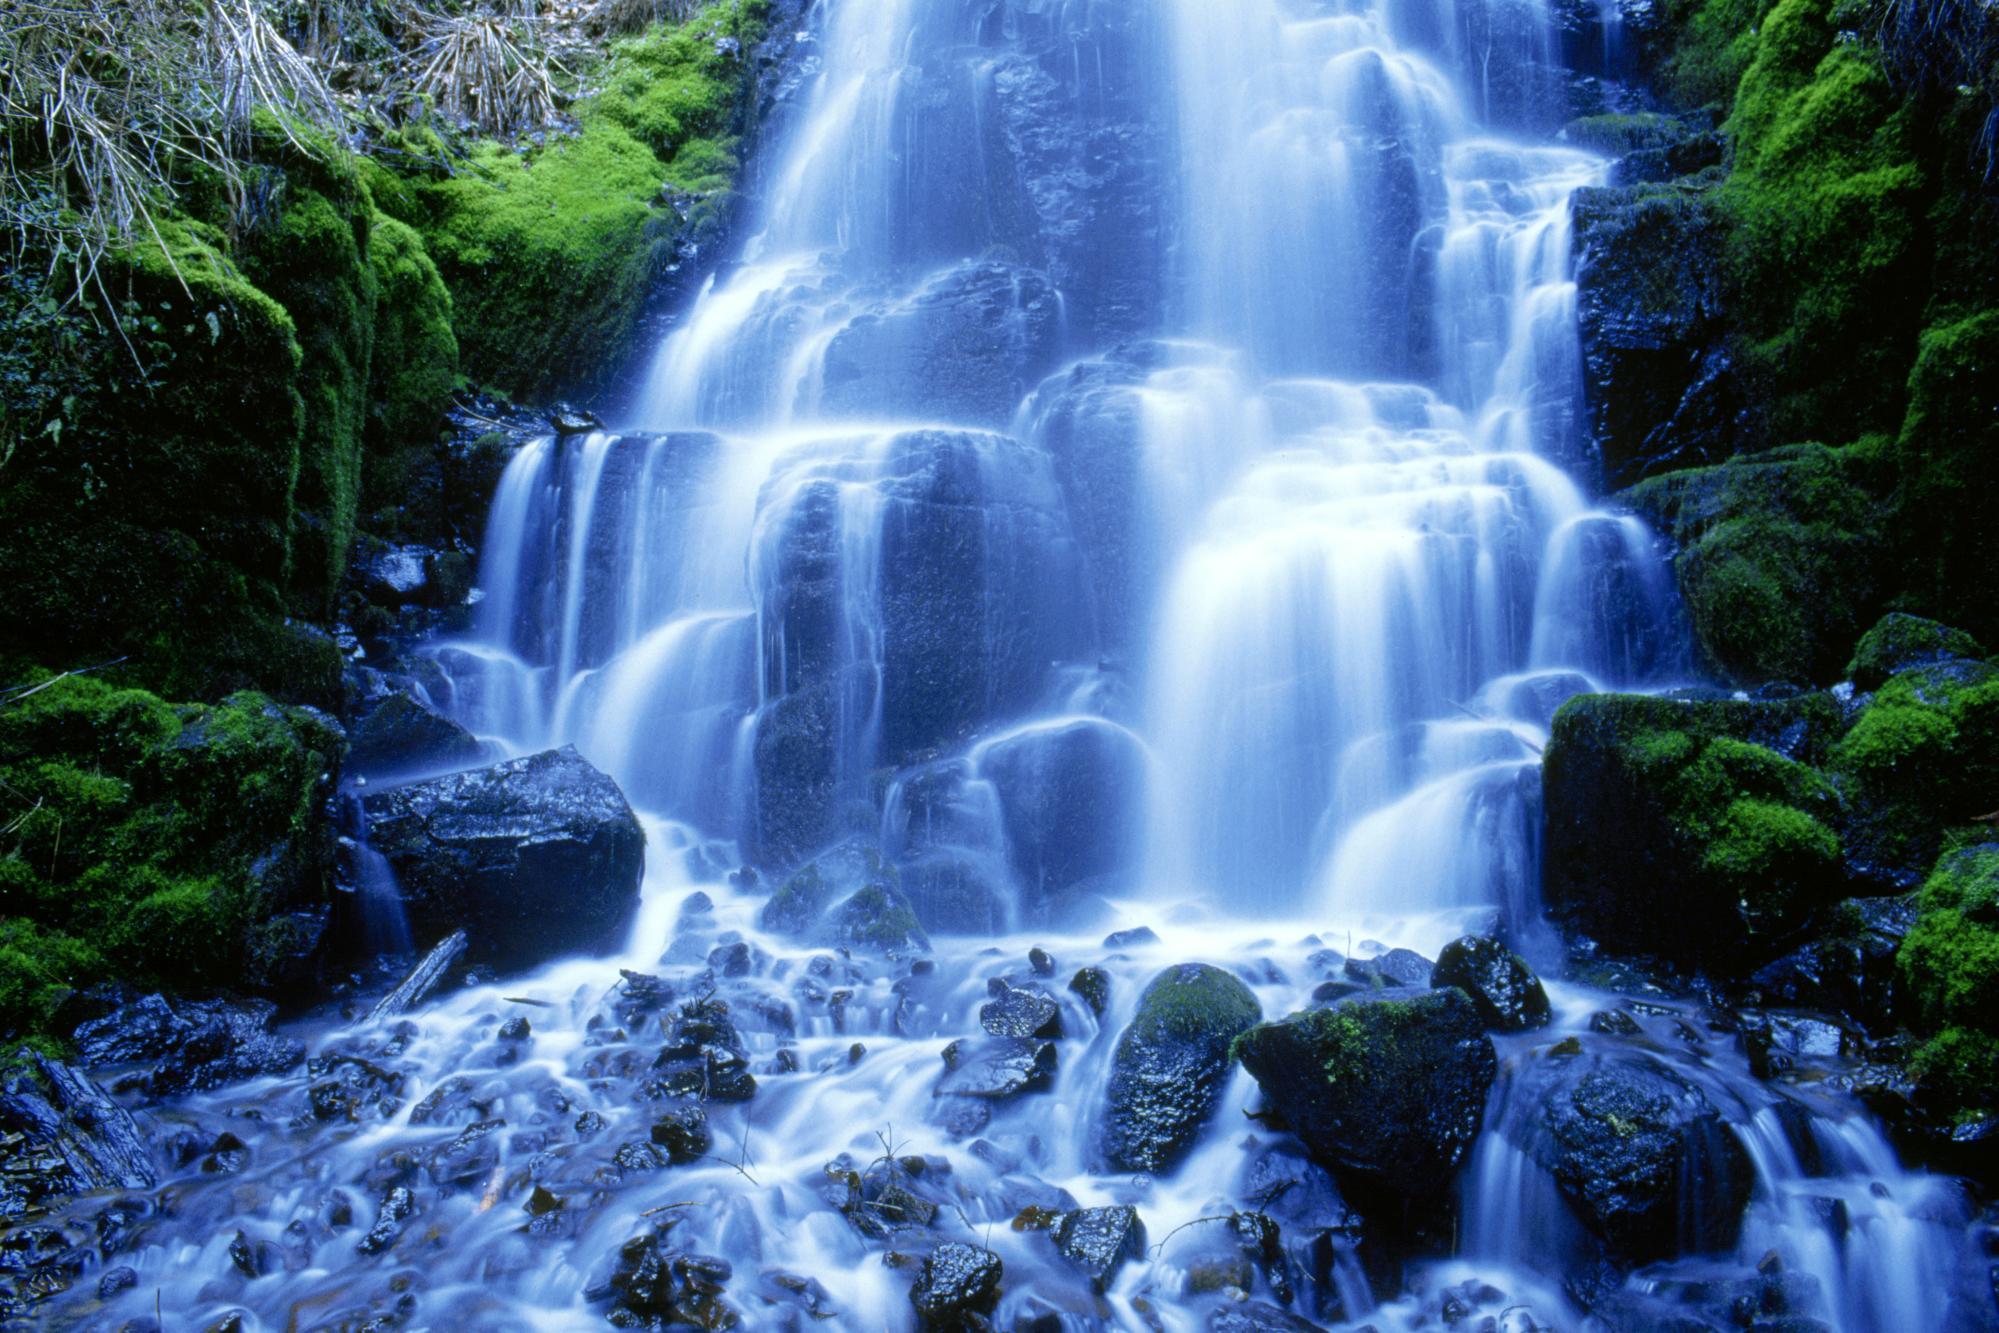 صورة صور الطبيعة الجميلة , اروع الصور المناظر الطبيعيه الجميله